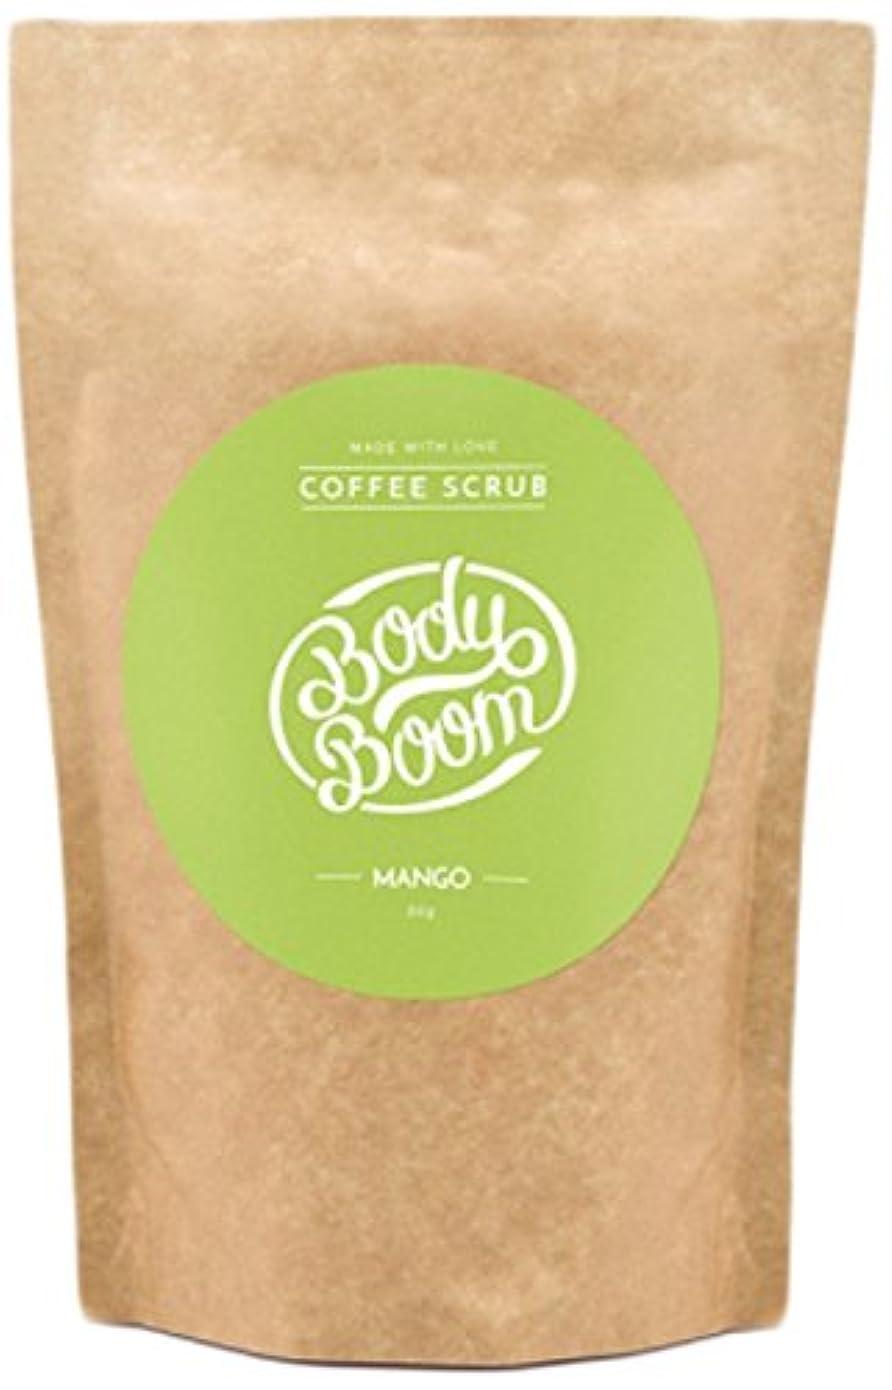 開発過激派不安定なコーヒースクラブ Body Boom ボディブーム マンゴー 30g